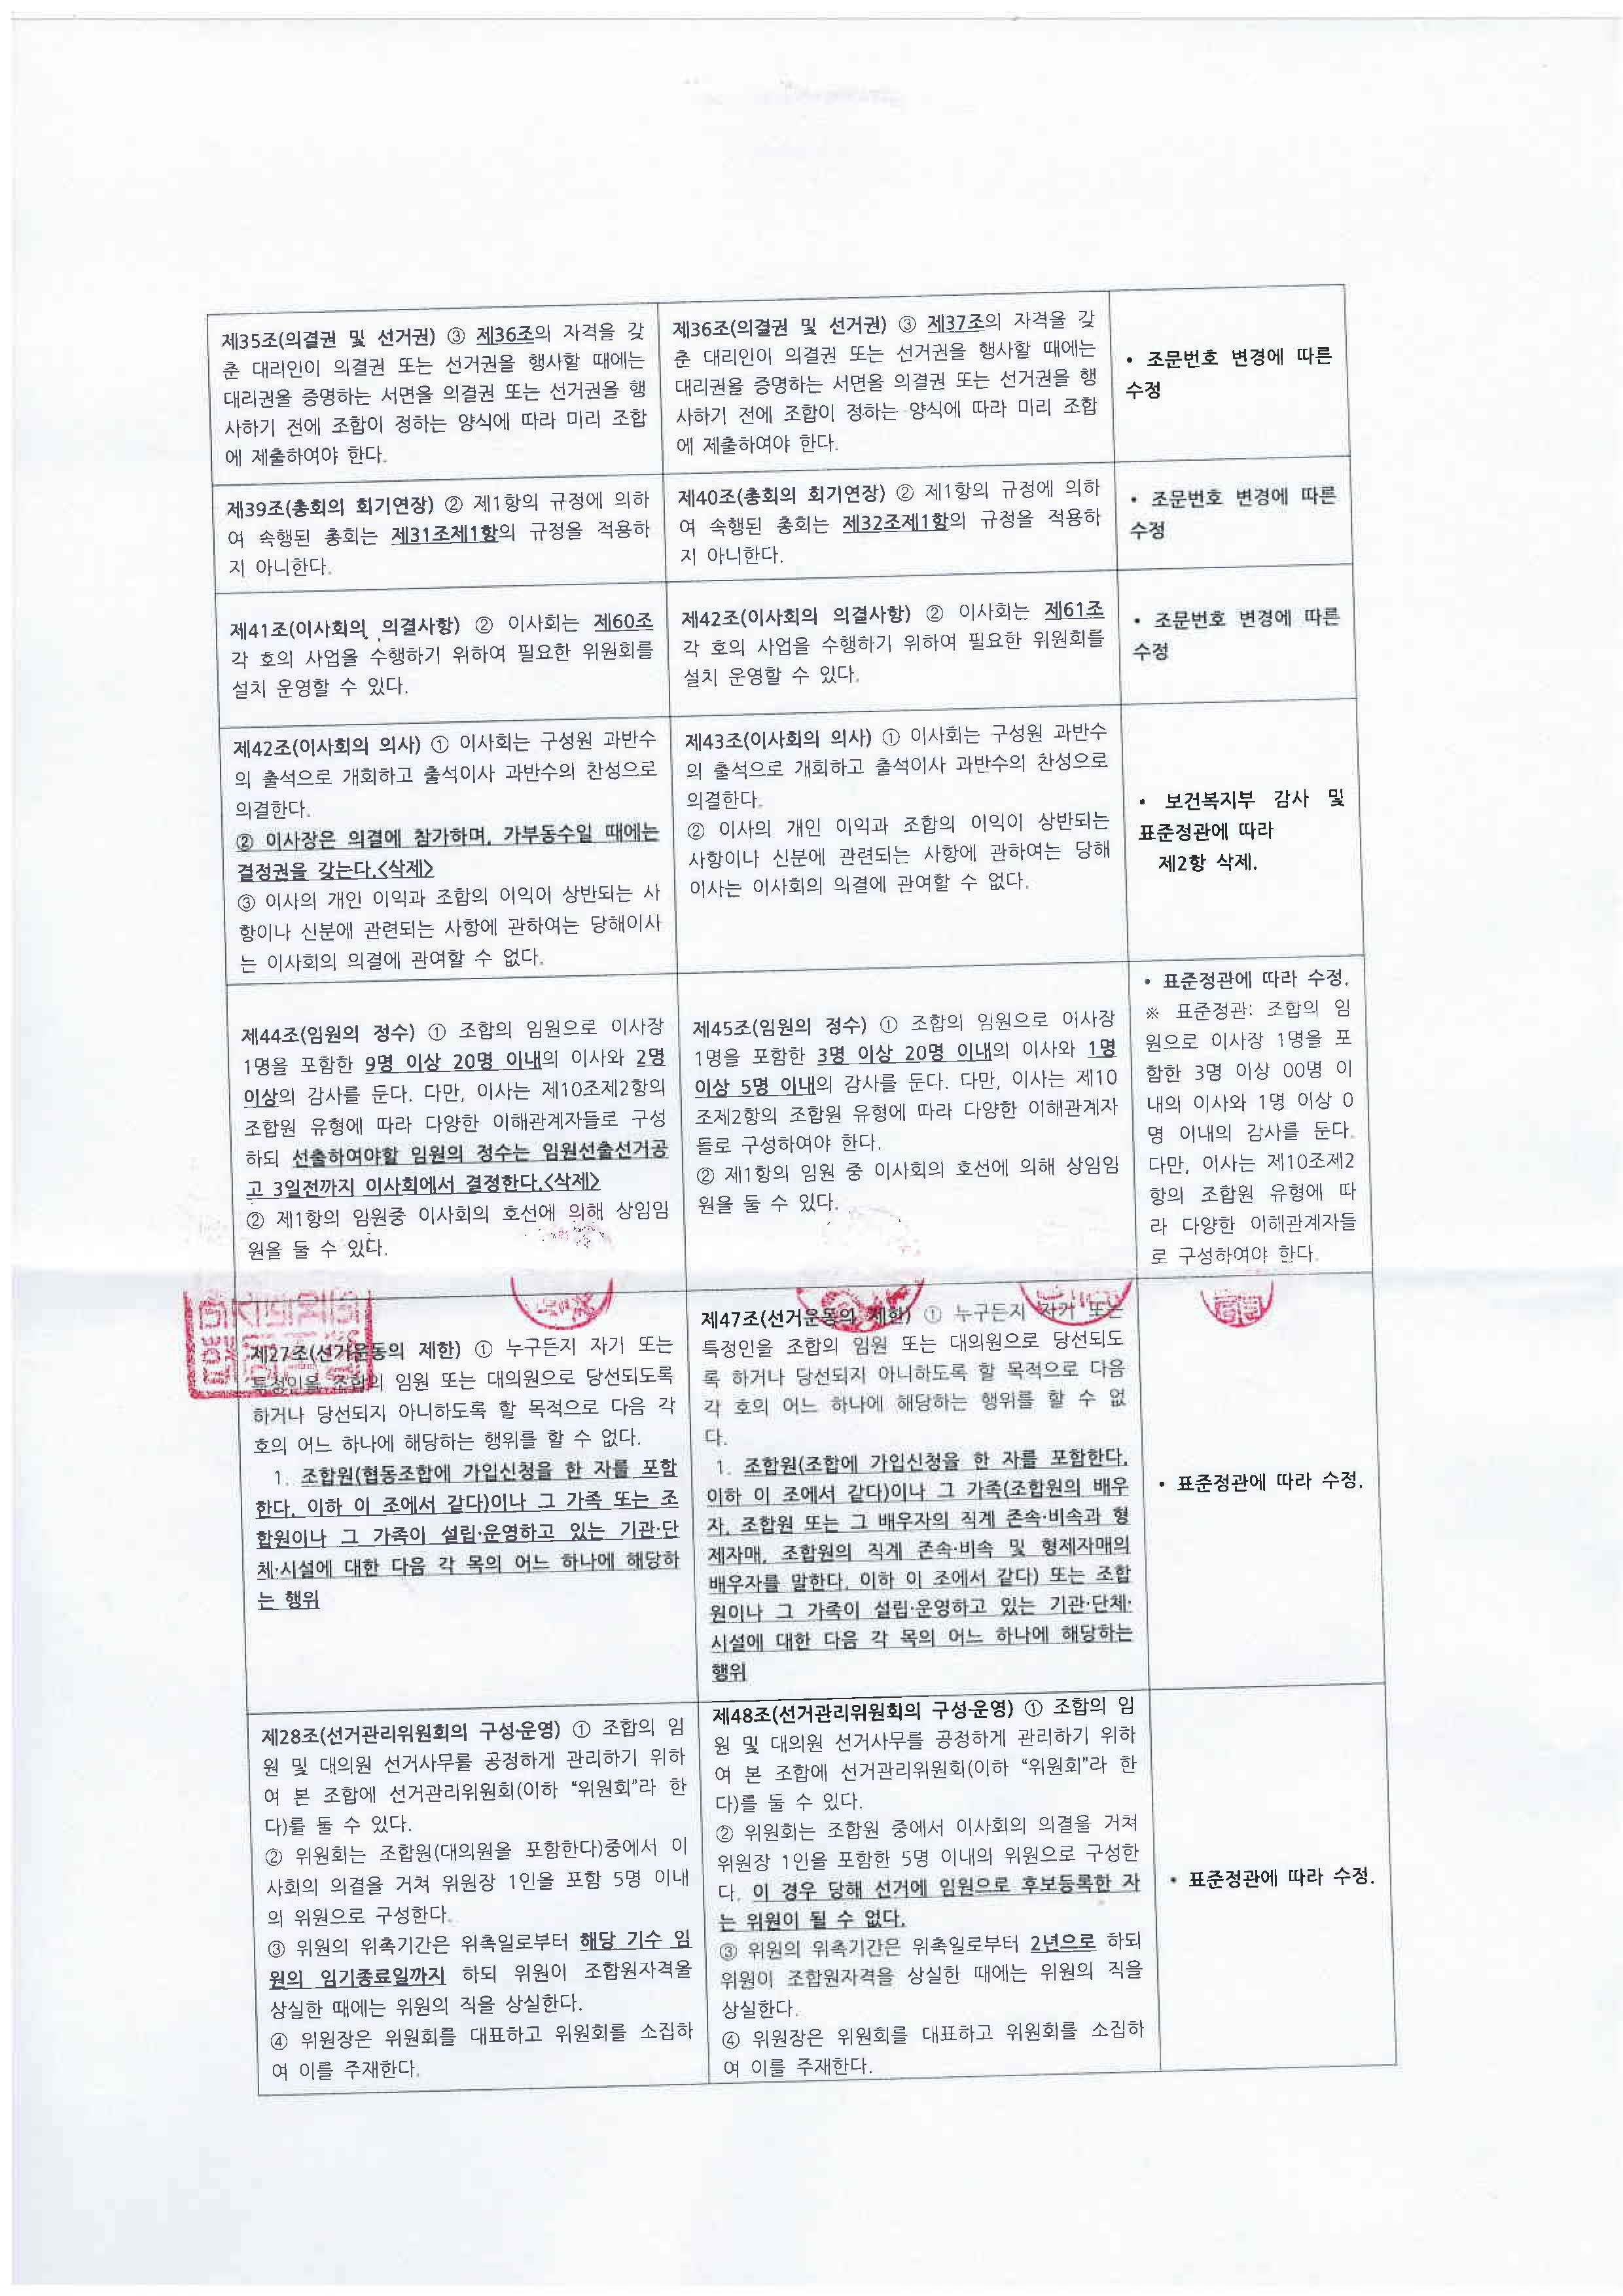 통합20차 정기총회의사록_페이지_06.jpg